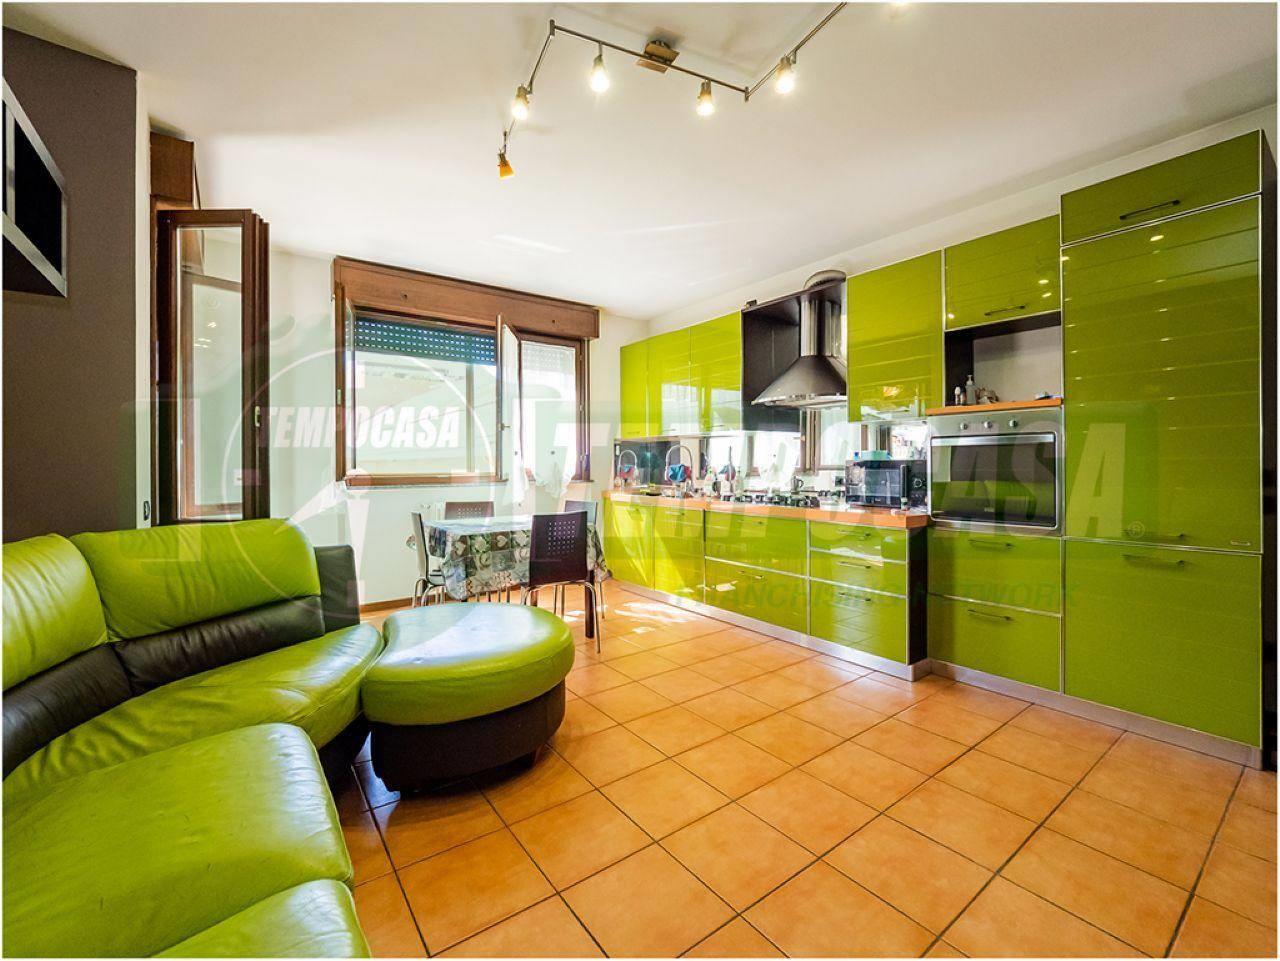 Foto 9 - Appartamento in Vendita - Cesano Maderno (Monza e Brianza)